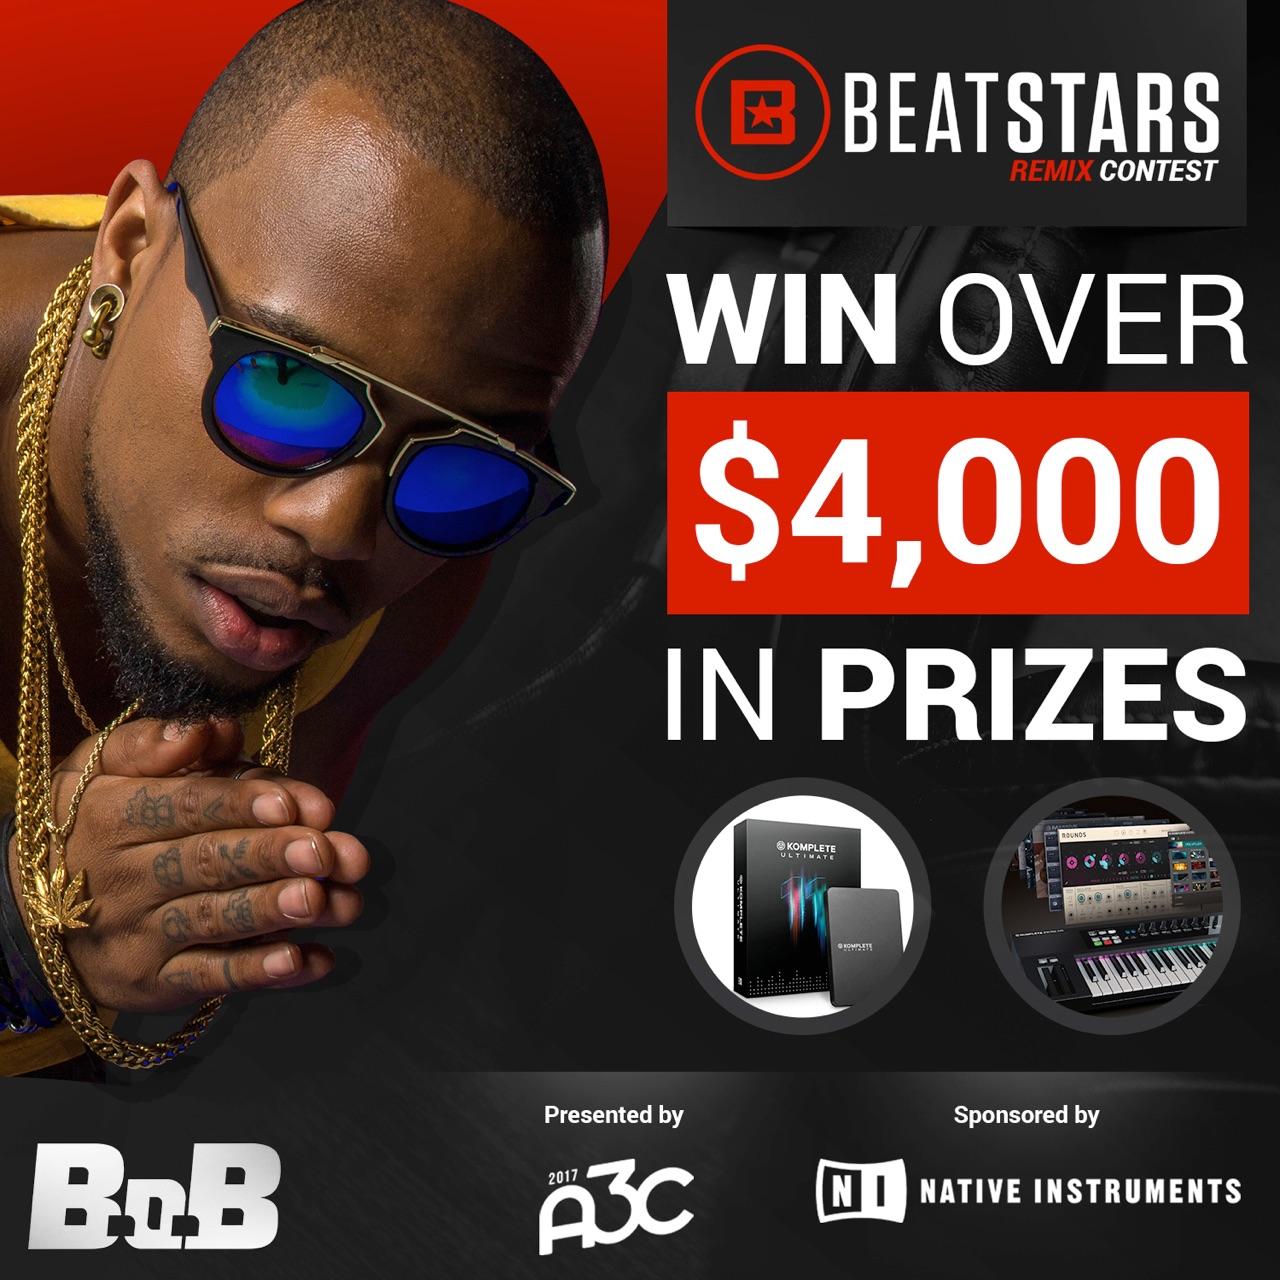 BoB Instagram Banner Beatstars-3.jpg.jpeg